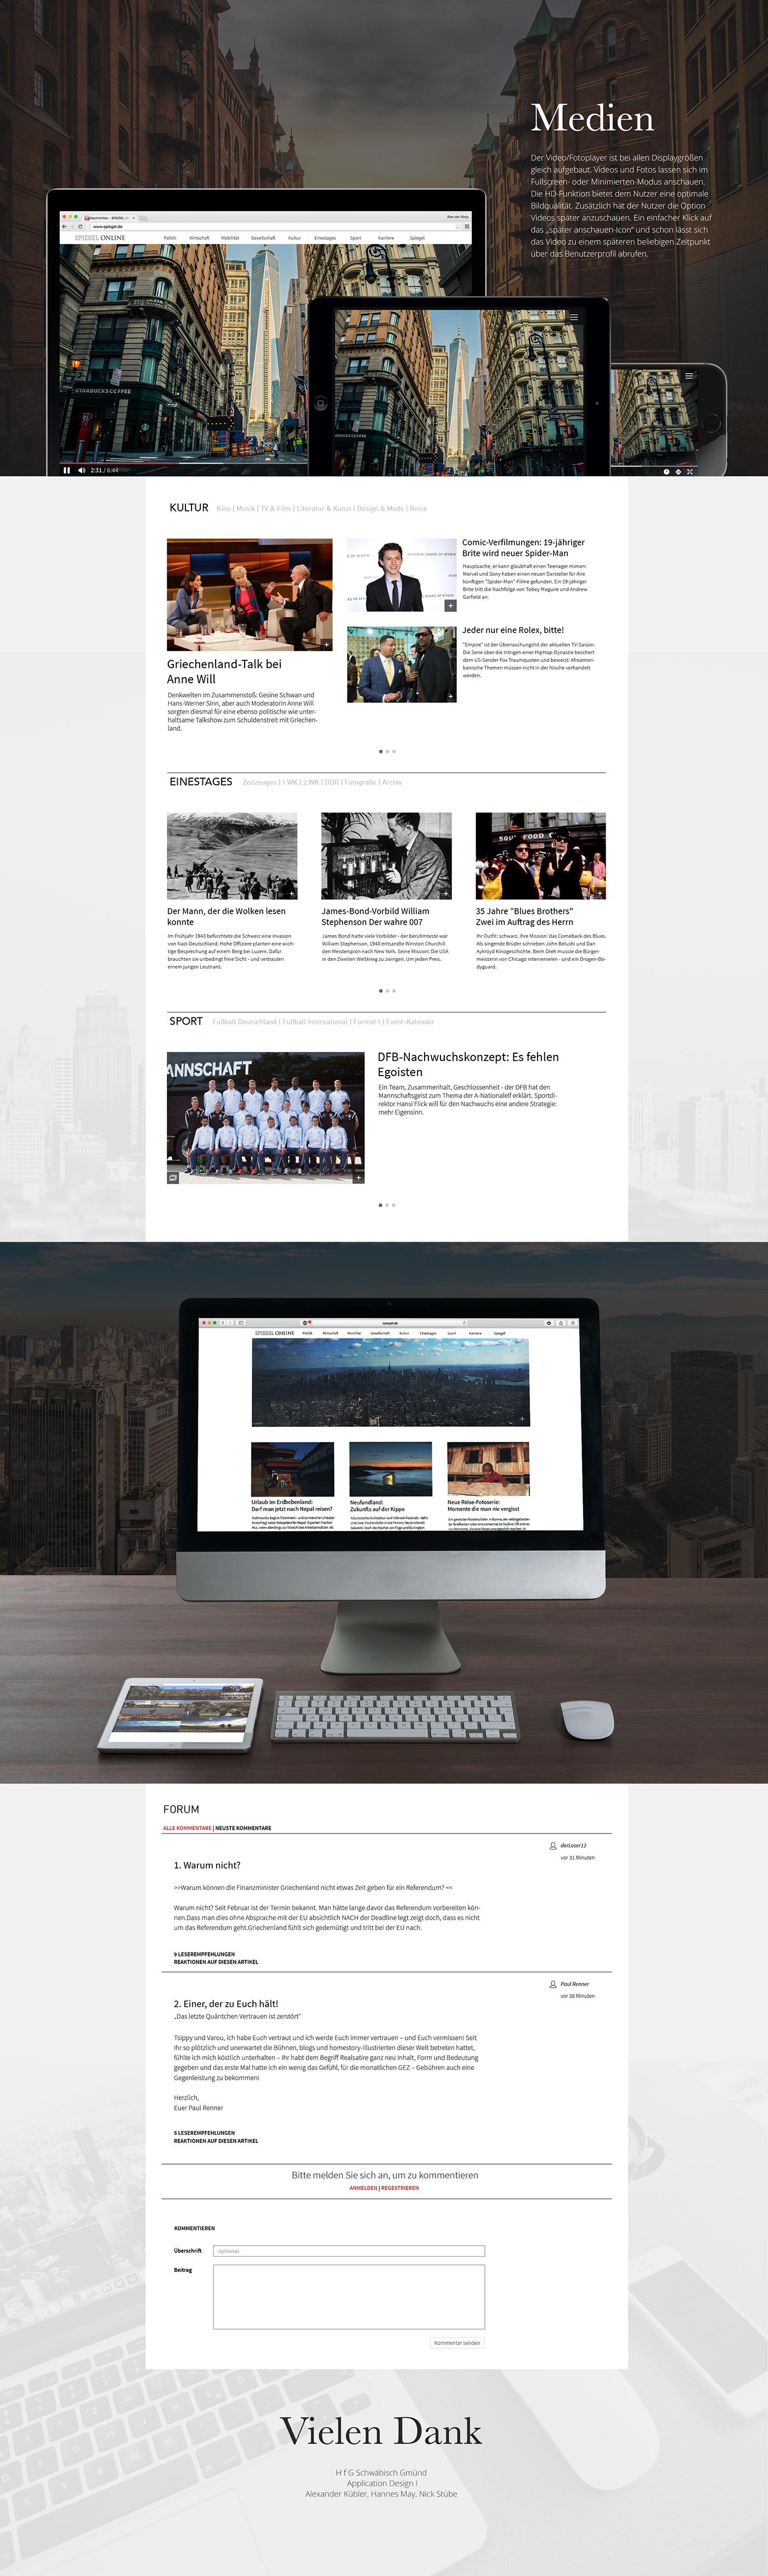 spiegel online redesign Website mobile app UI Application Design